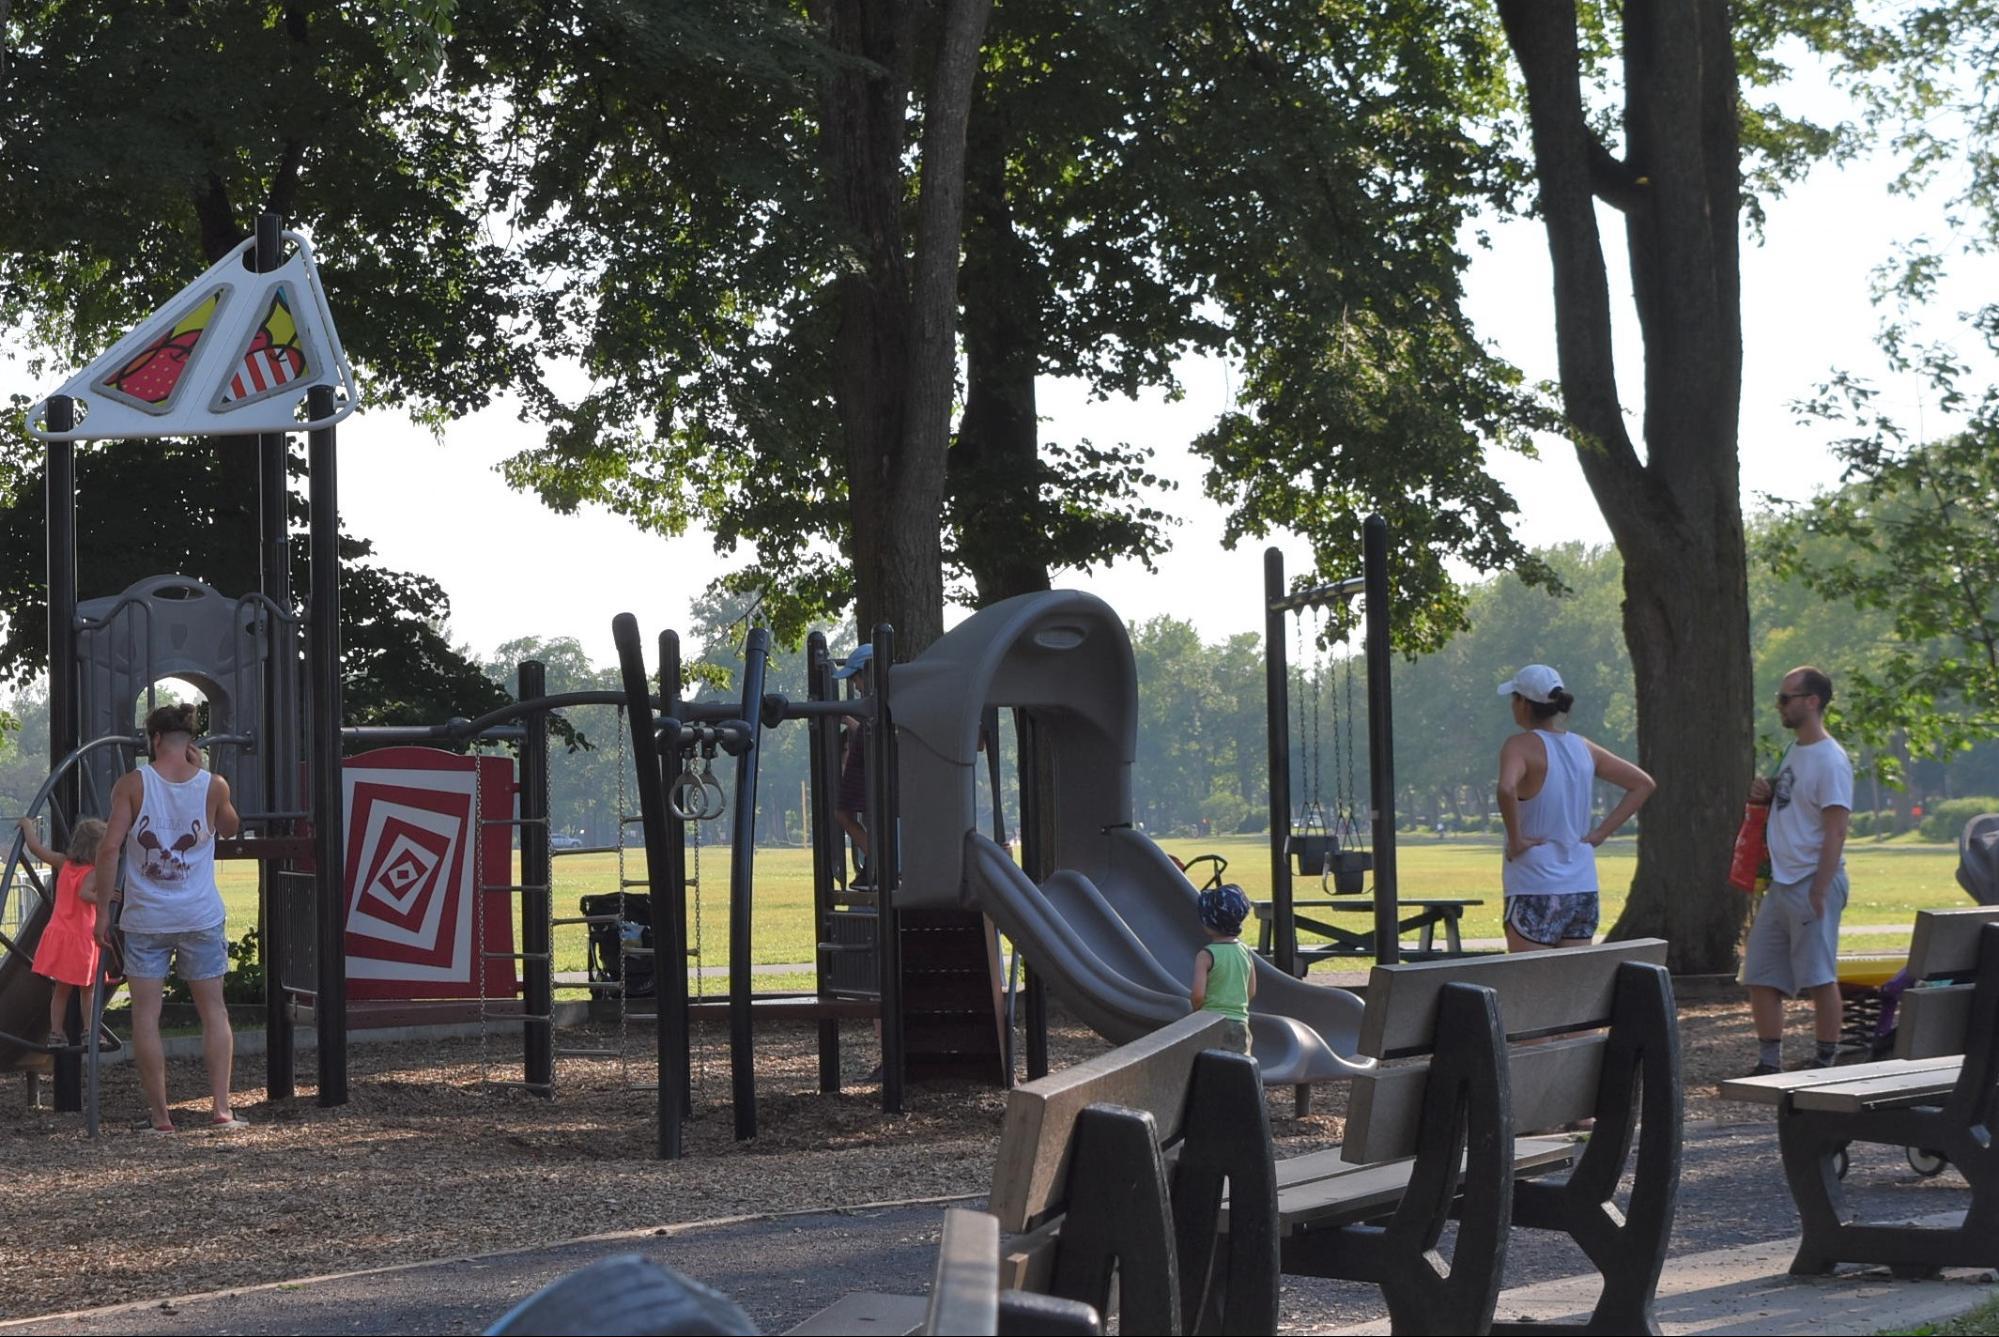 午後5時の公園(夏季)